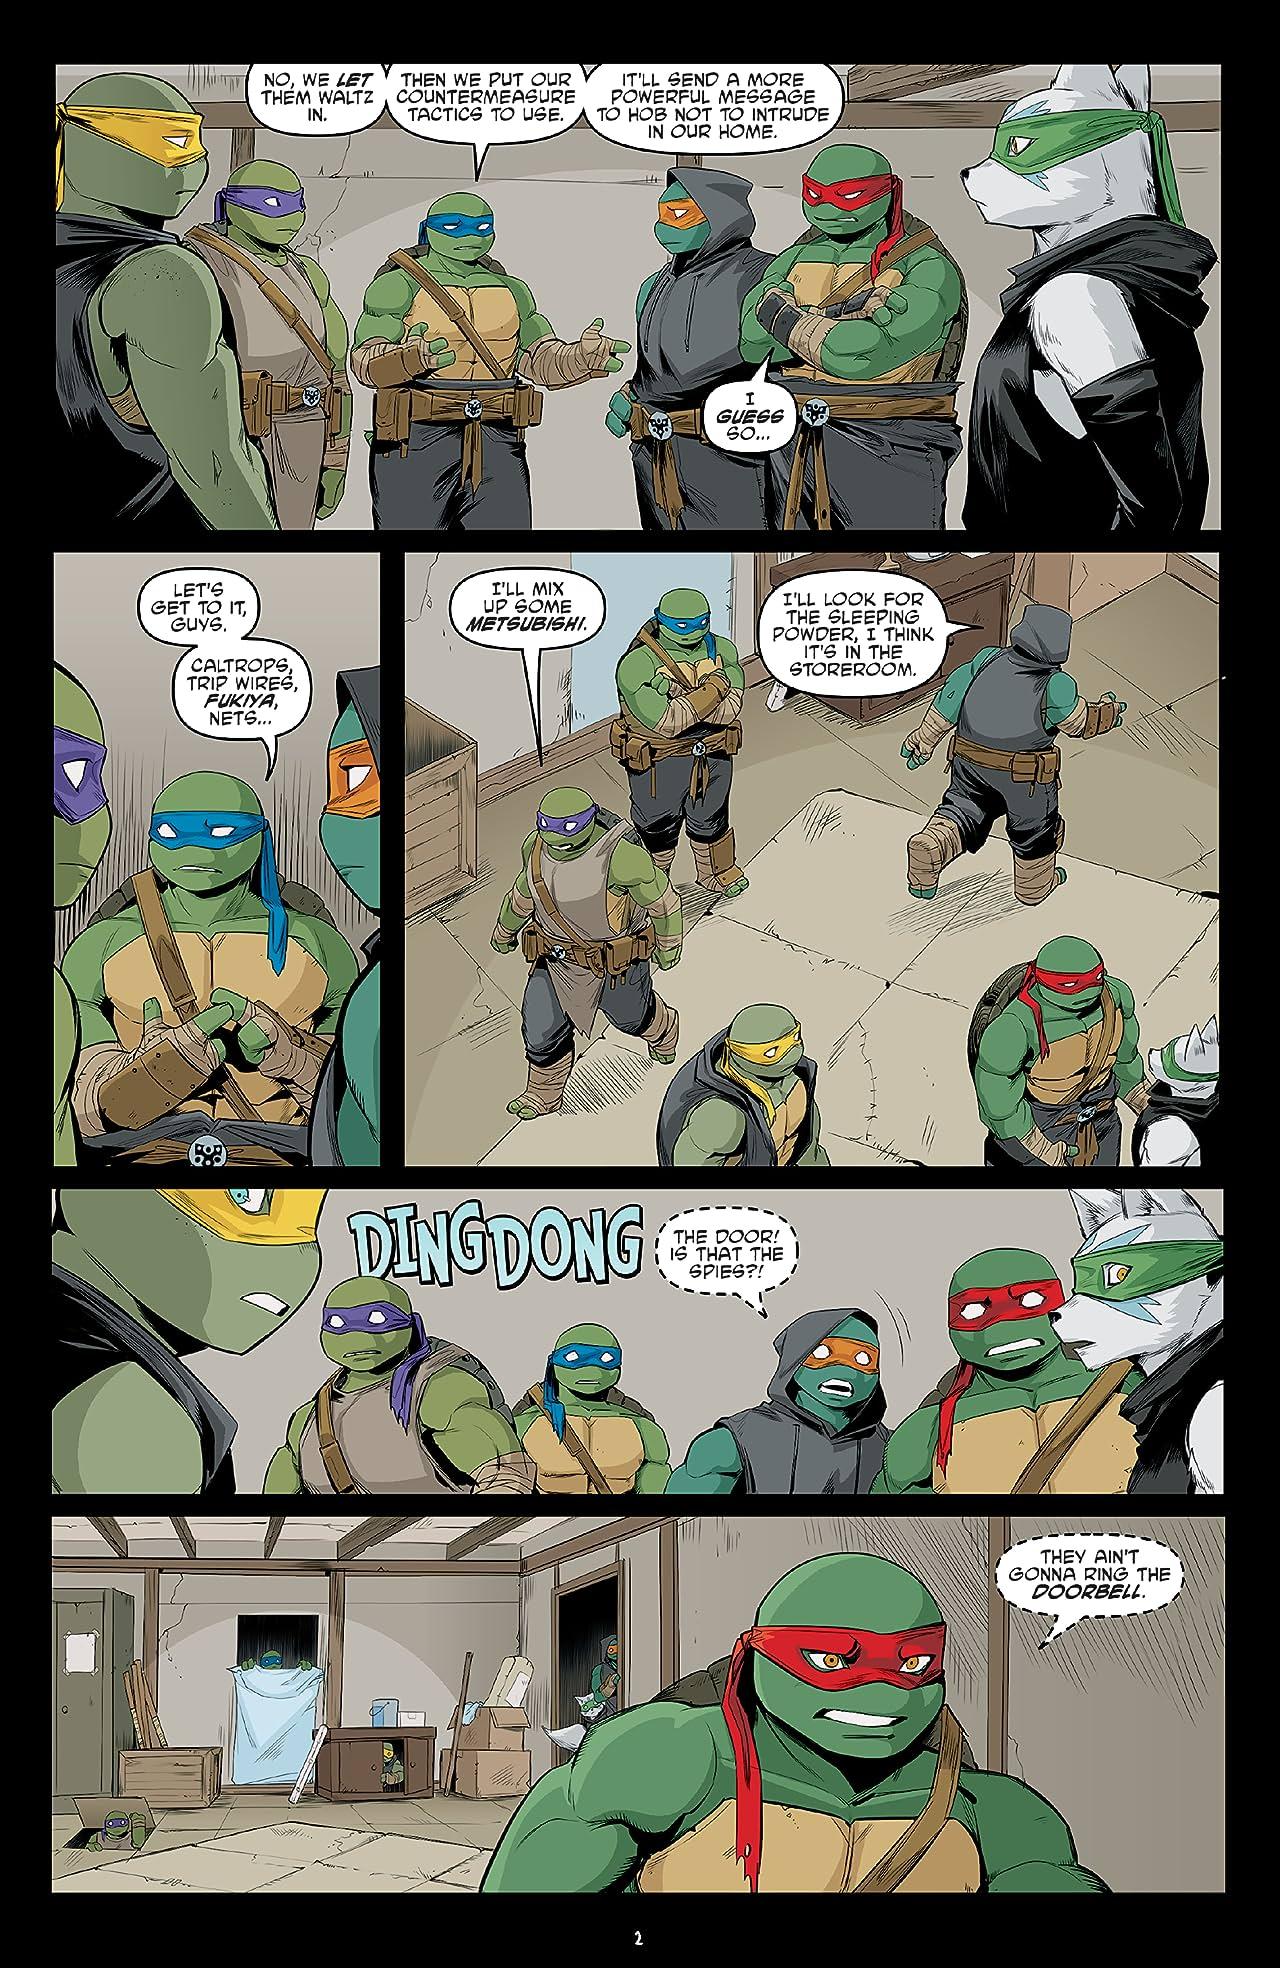 Teenage Mutant Ninja Turtles #111